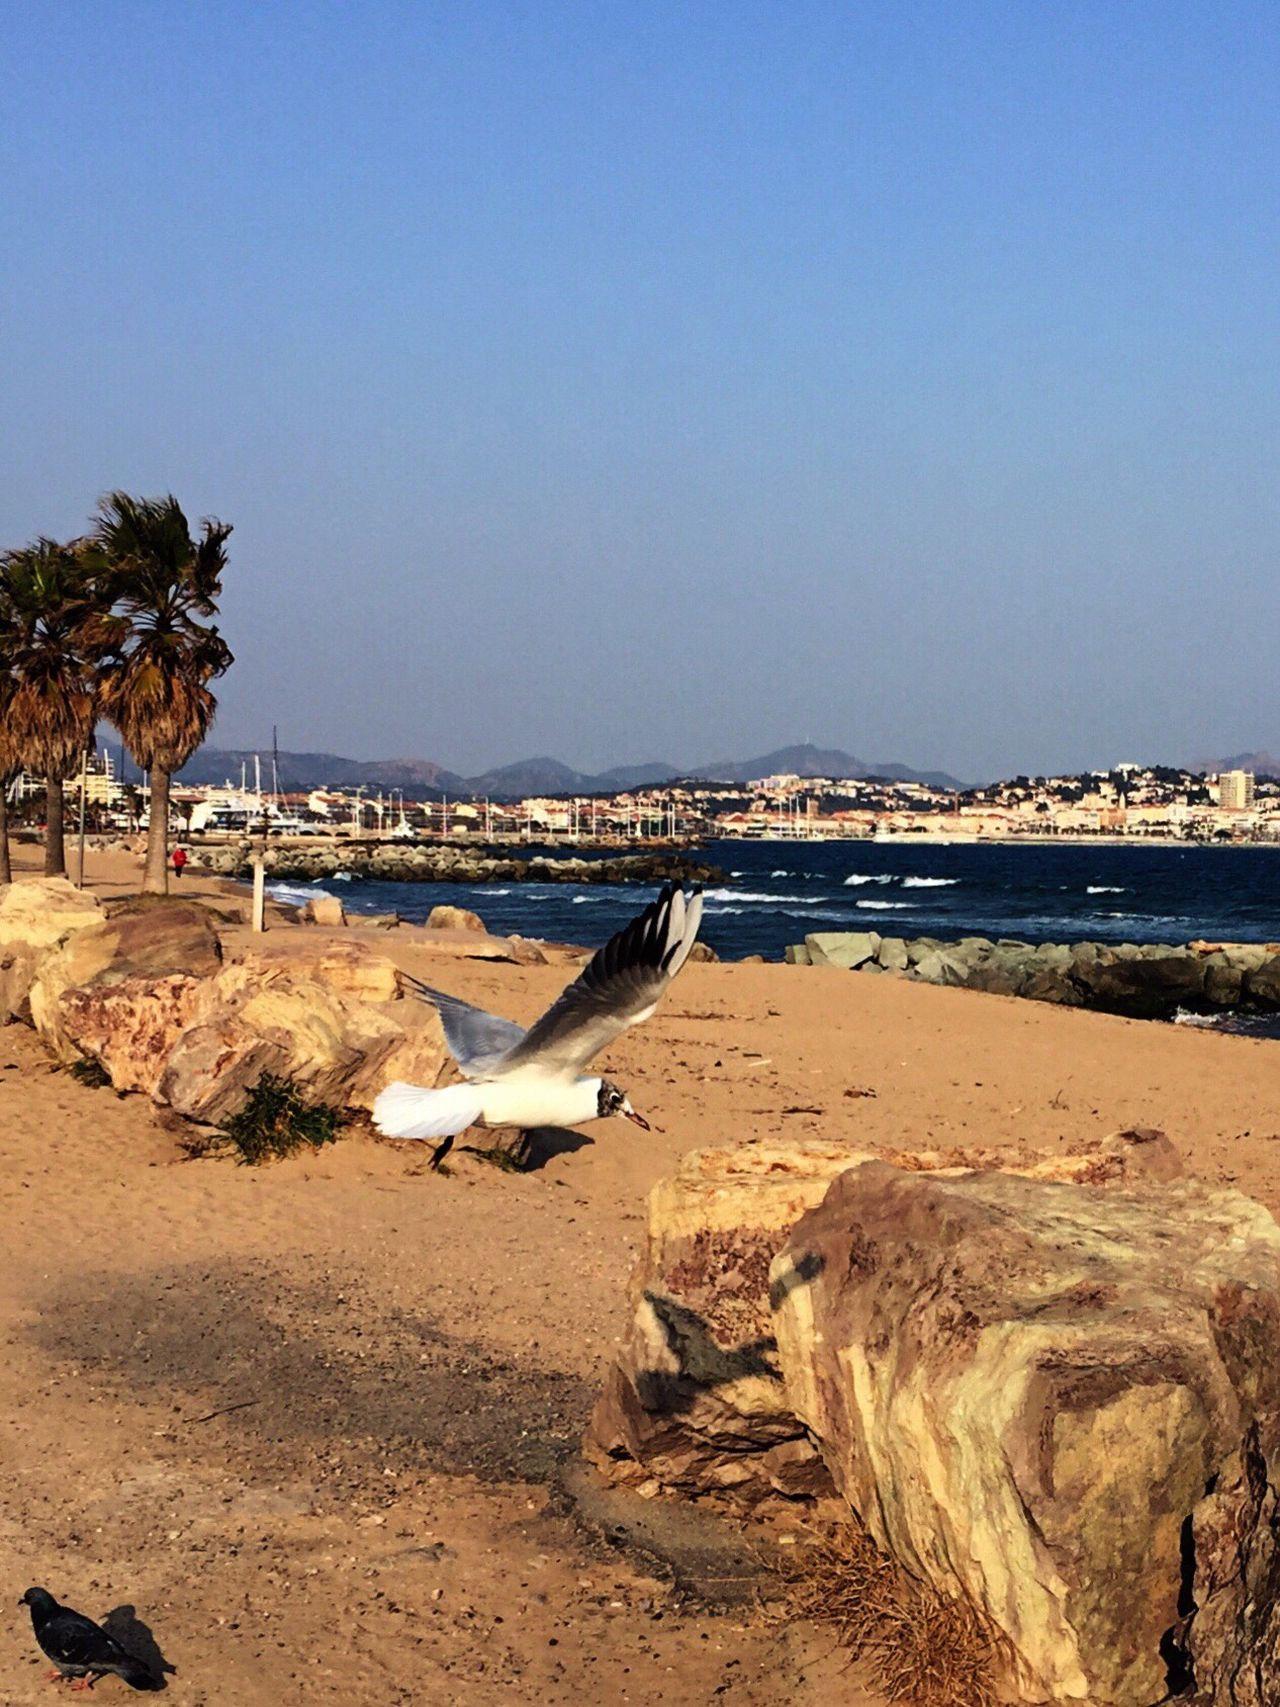 Beach Tranquility Sky Skyfie CIELFIE Palm Tree Water Beauty In Nature Bird Tree Oiseau Méditerranée Mer Mer Mediterranée Côte D'Azur Bord De Mer